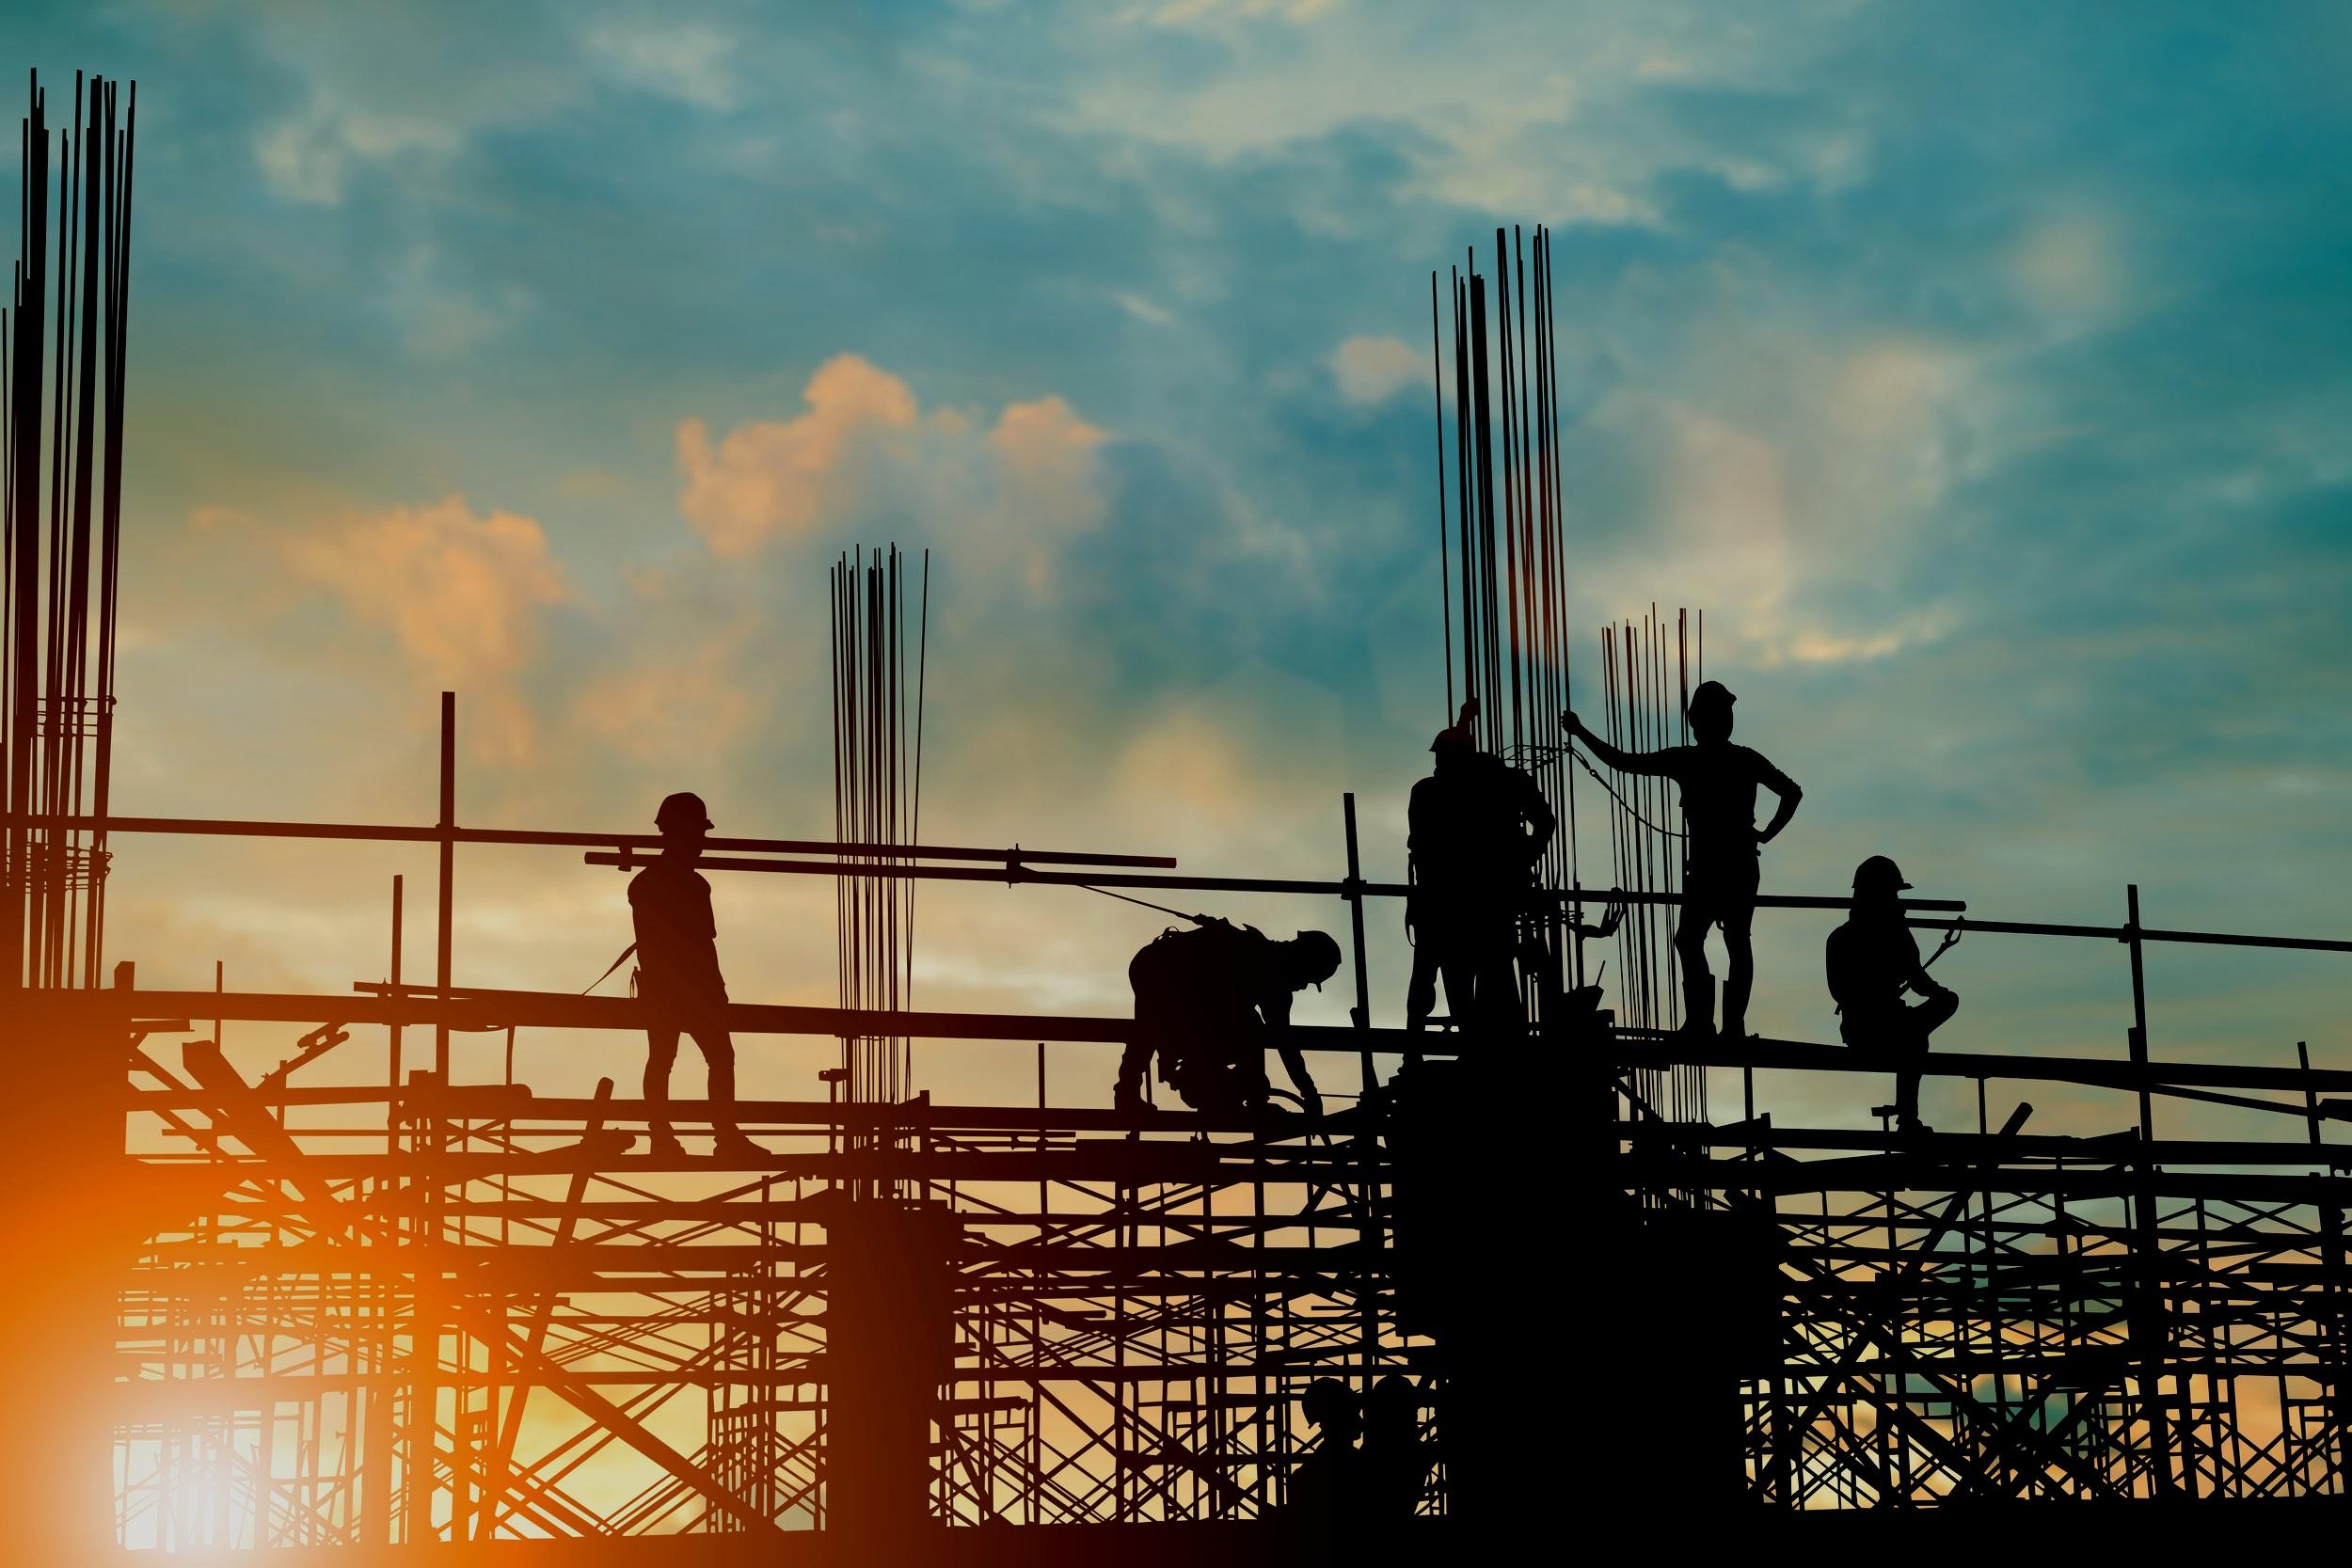 Work Health & Safety -